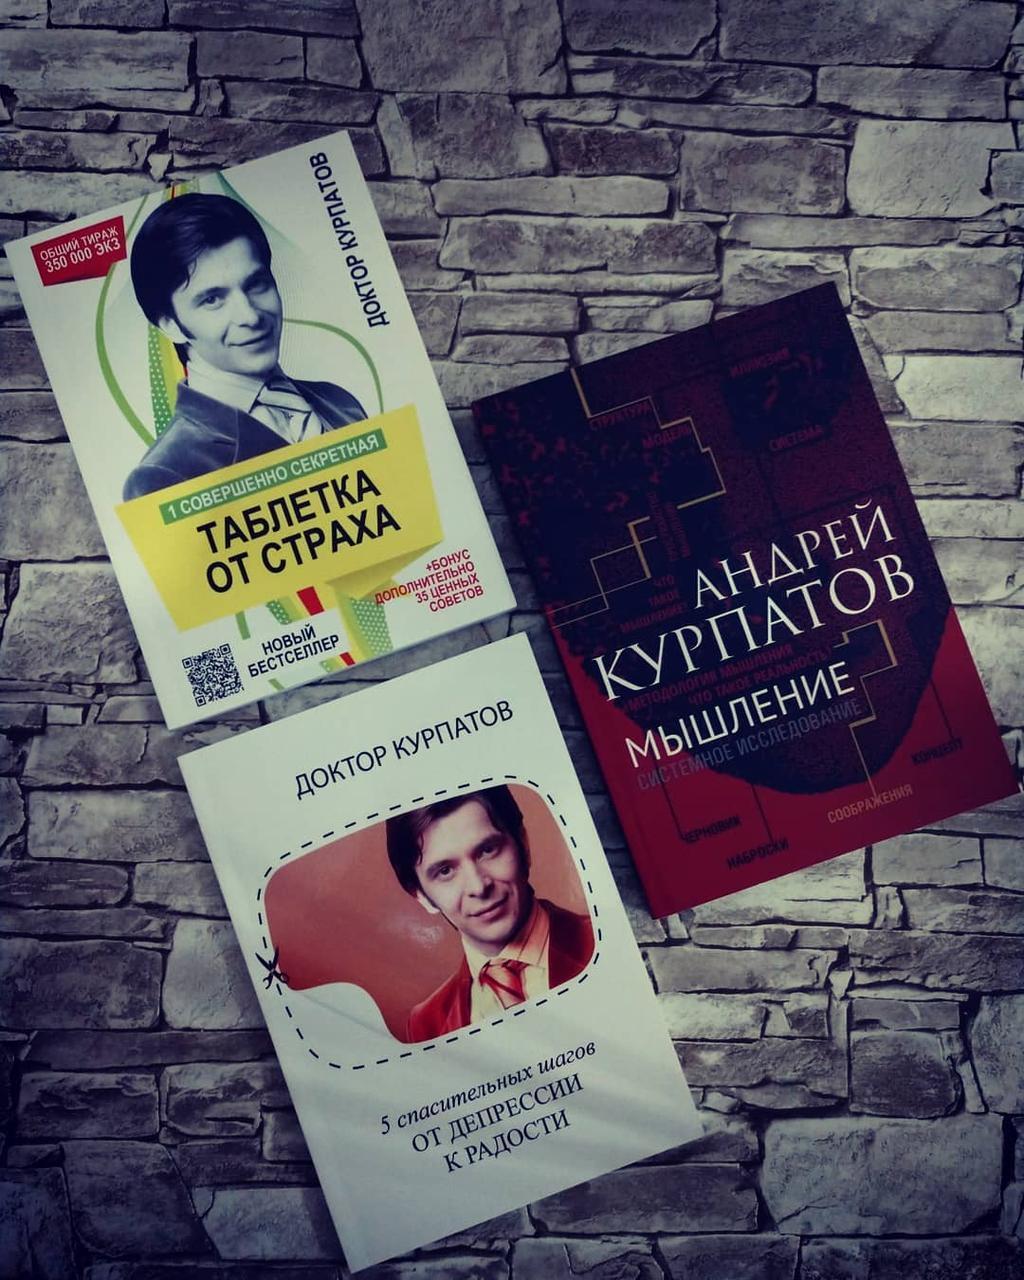 """Набір книг """"5 рятівних кроків. Від депресії до радості"""", """"таблетка від страху"""", """"Мислення"""" А. Курпатов"""